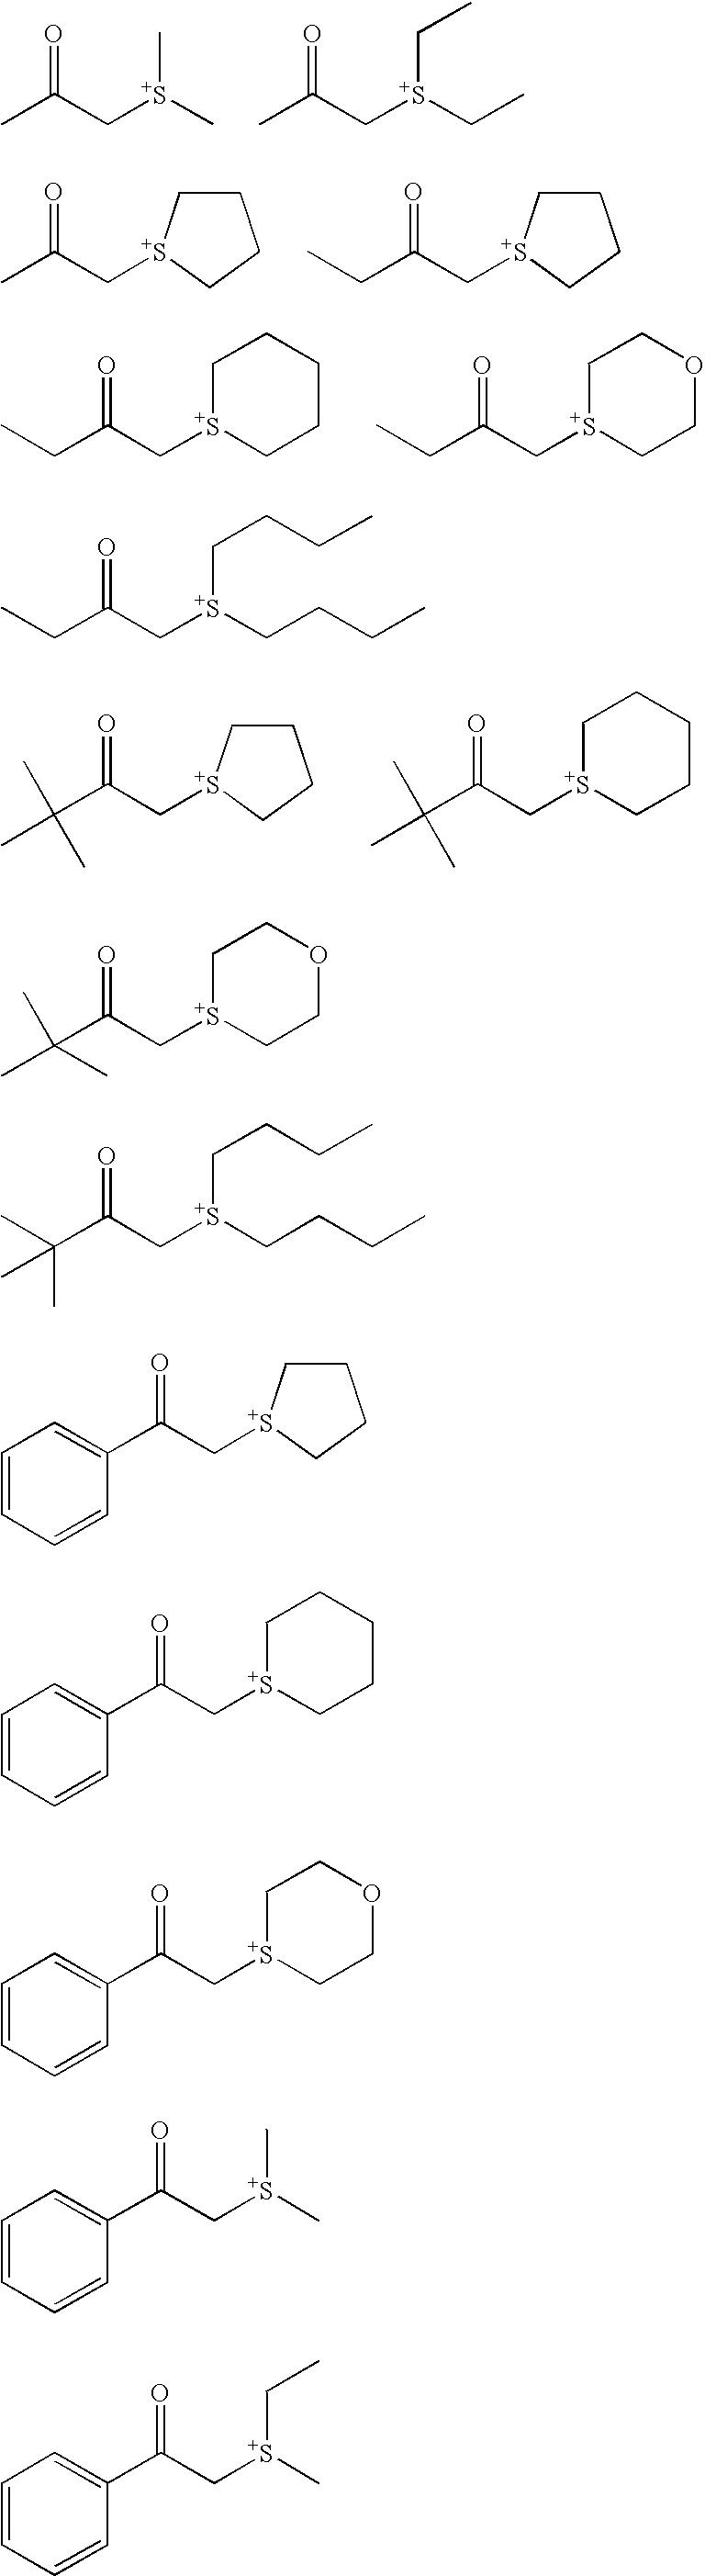 Figure US20060194982A1-20060831-C00018